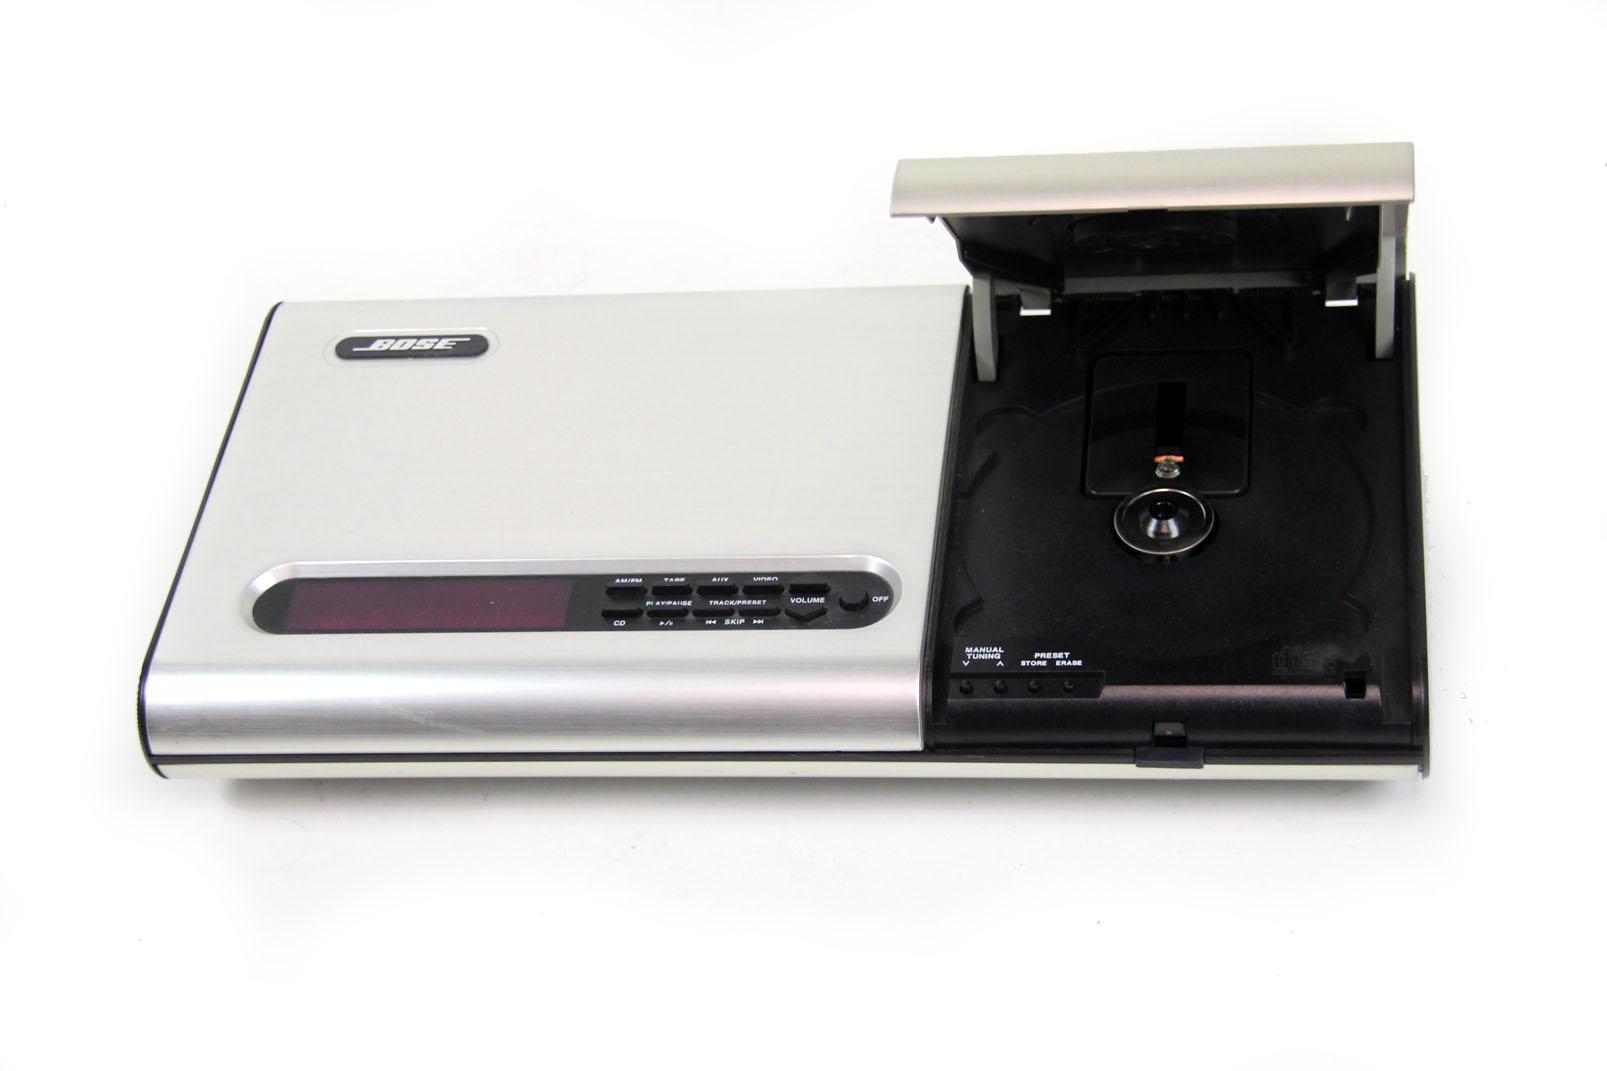 bose lifestyle model 5 music center kompakt stereoanlage. Black Bedroom Furniture Sets. Home Design Ideas